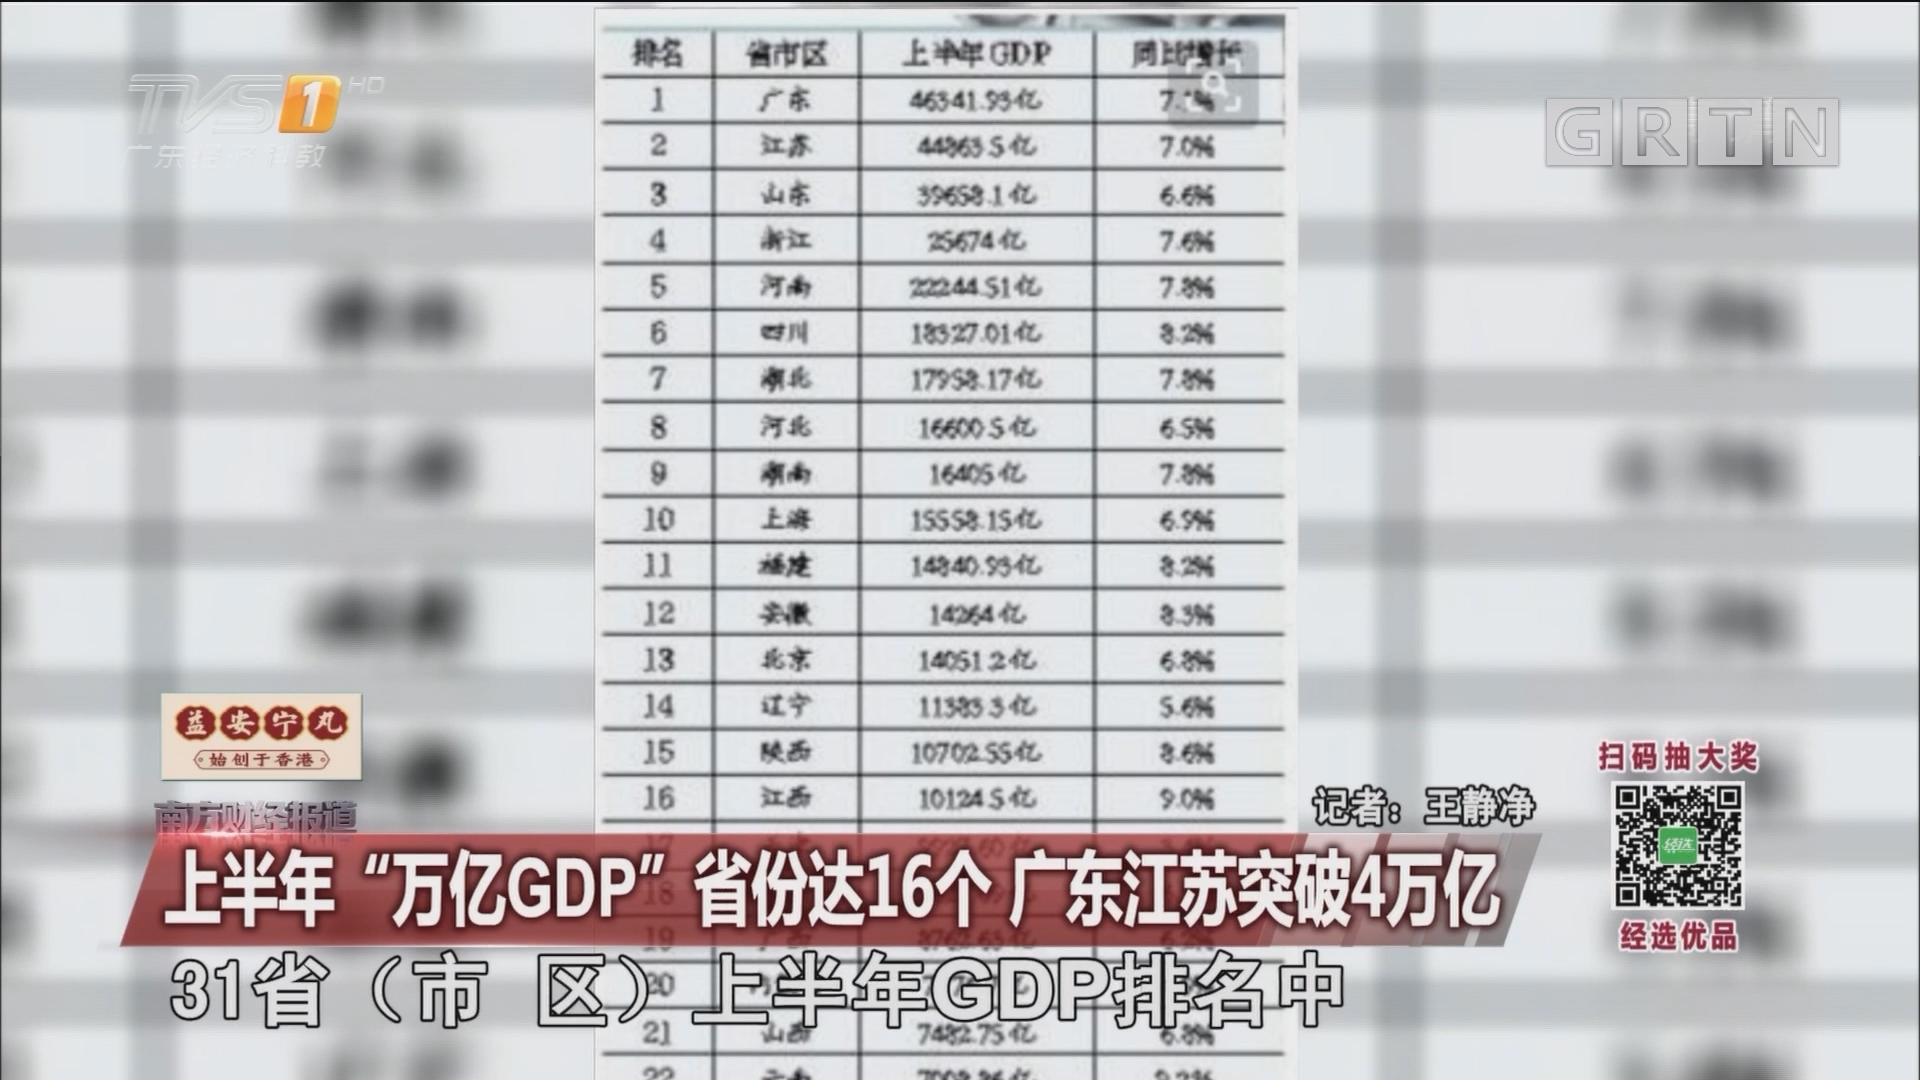 """上半年""""万亿GDP""""省份达16个 广东江苏突破4万亿"""